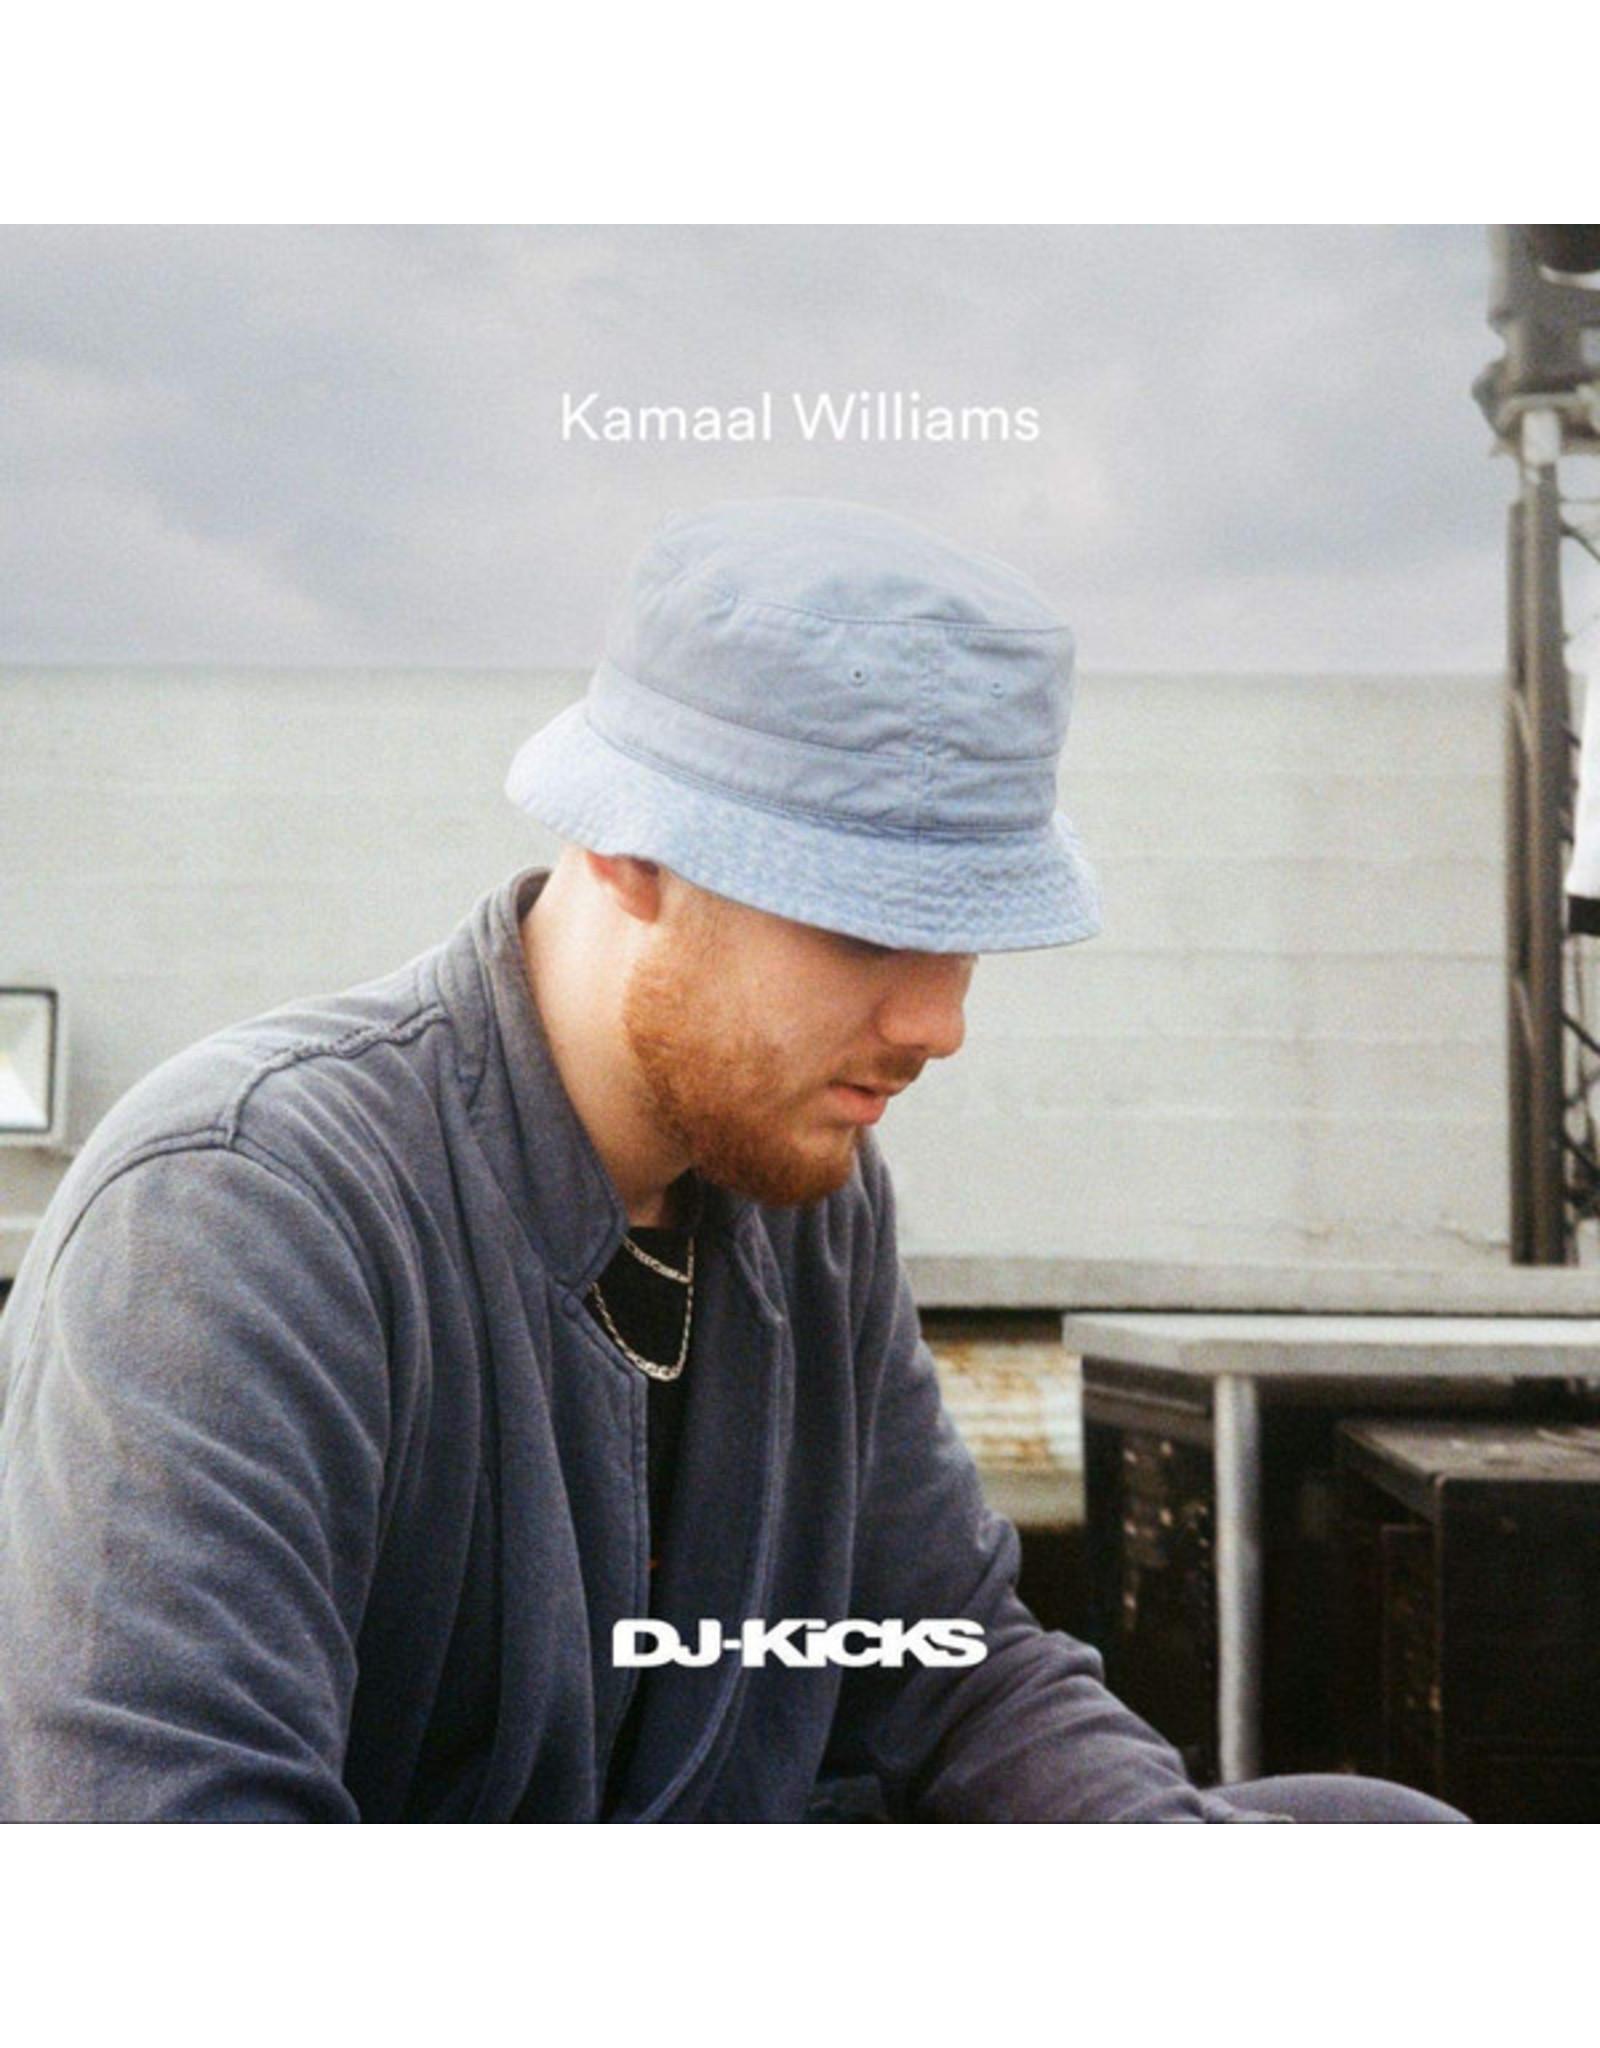 New Vinyl Kamaal Williams - DJ Kicks 2LP